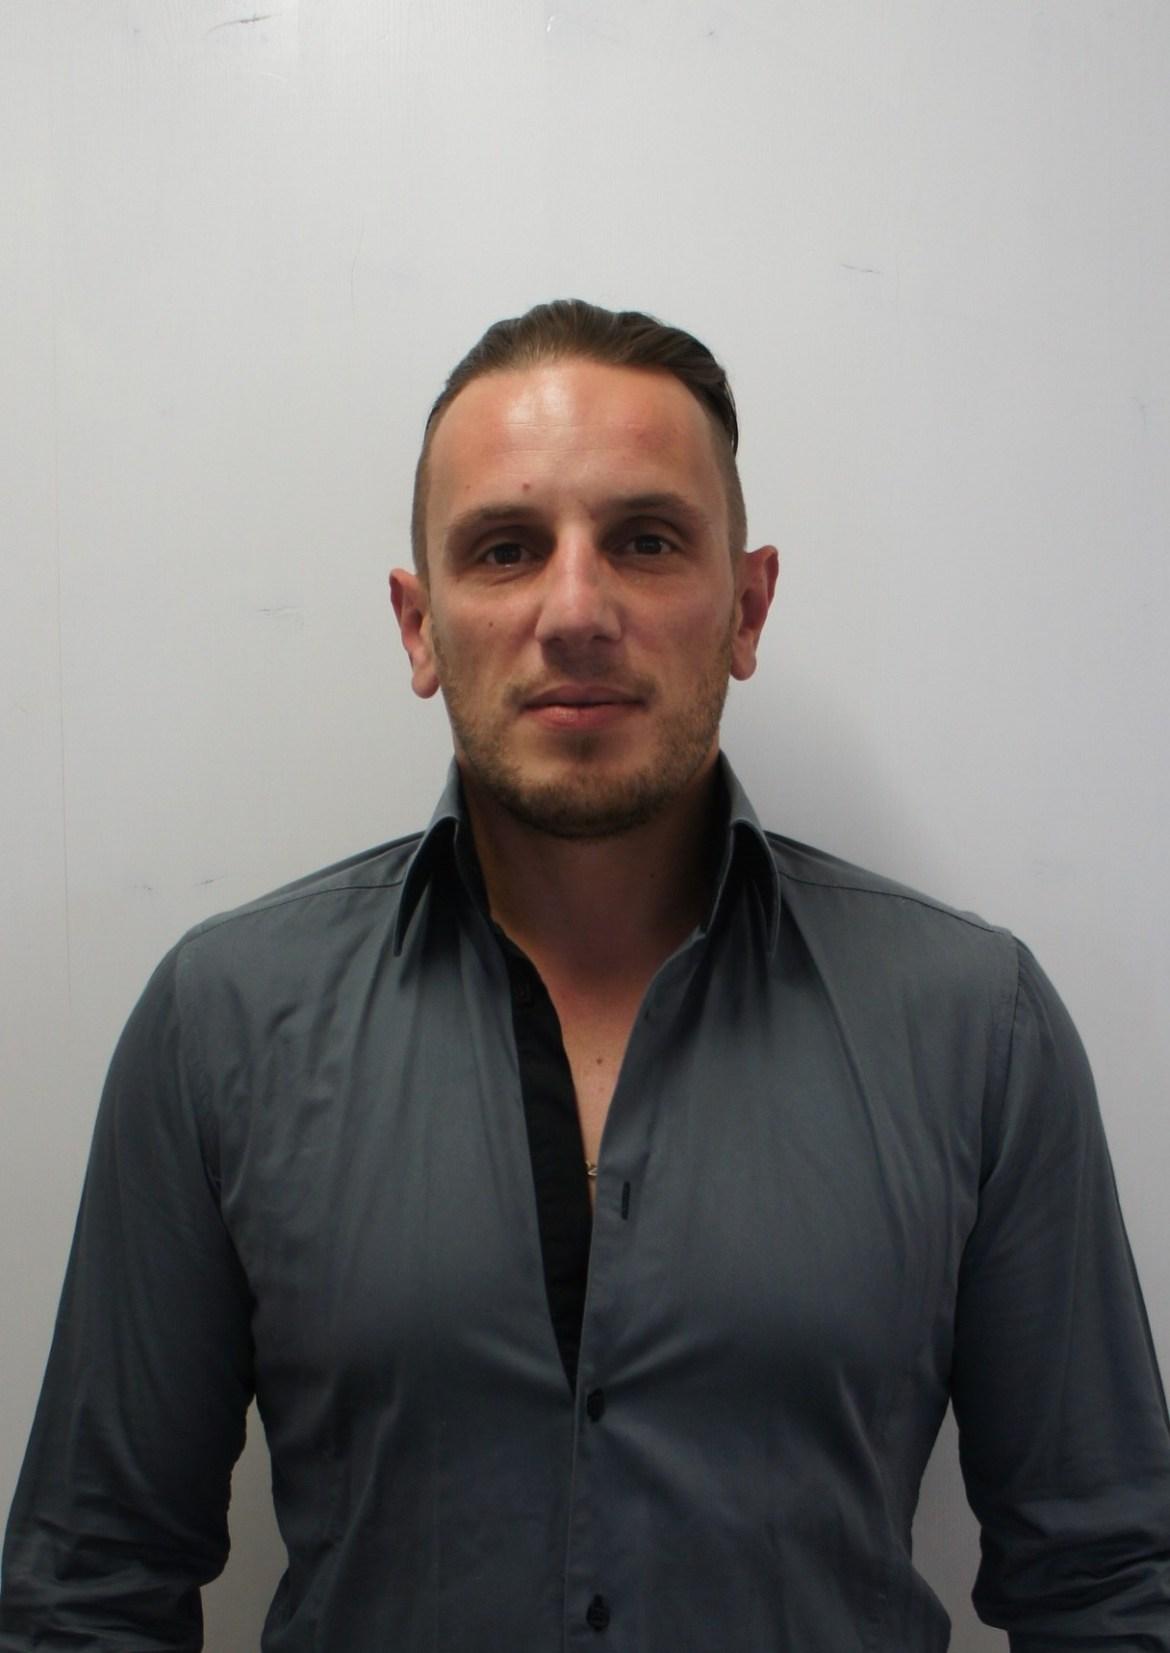 Gabriel Steriti